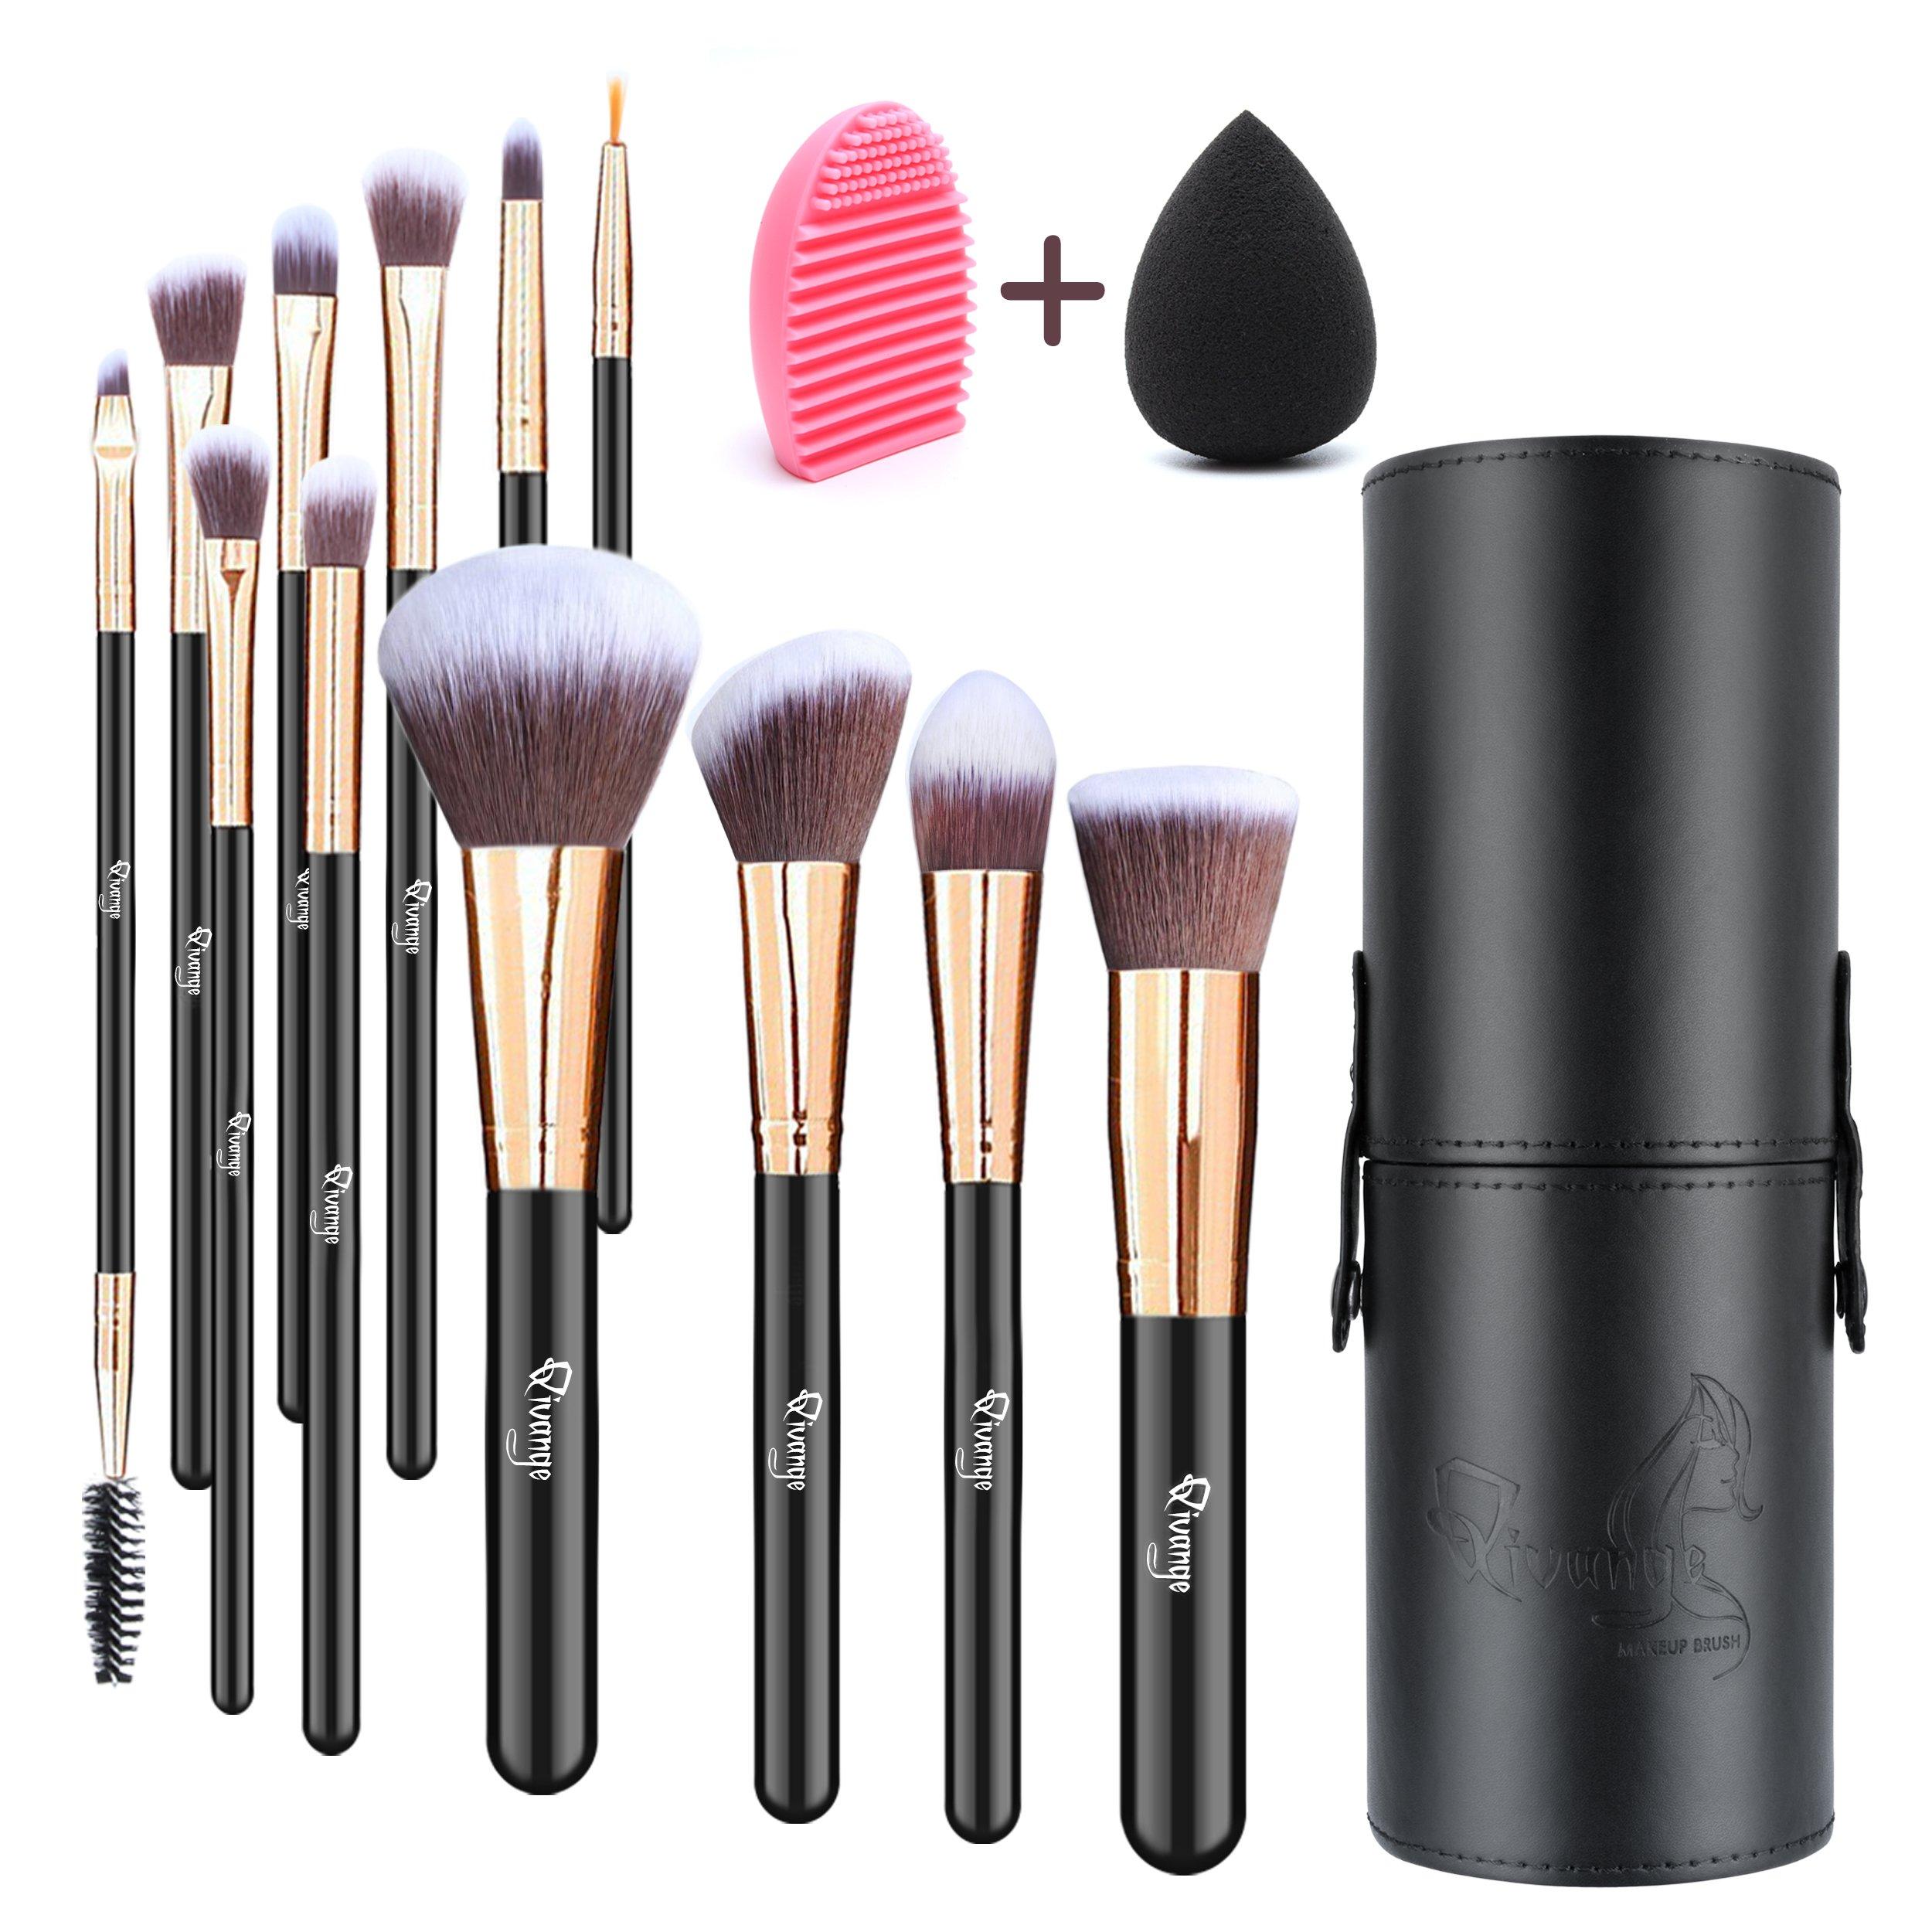 Qivange Makeup Brushes, Flat Foundation Blush Eyeliner Eyeshadow Brushes with Holder+Makeup Sponge & Brush Cleaner, Professional Makeup Brush Set(12 pcs, Black with Rose Gold)